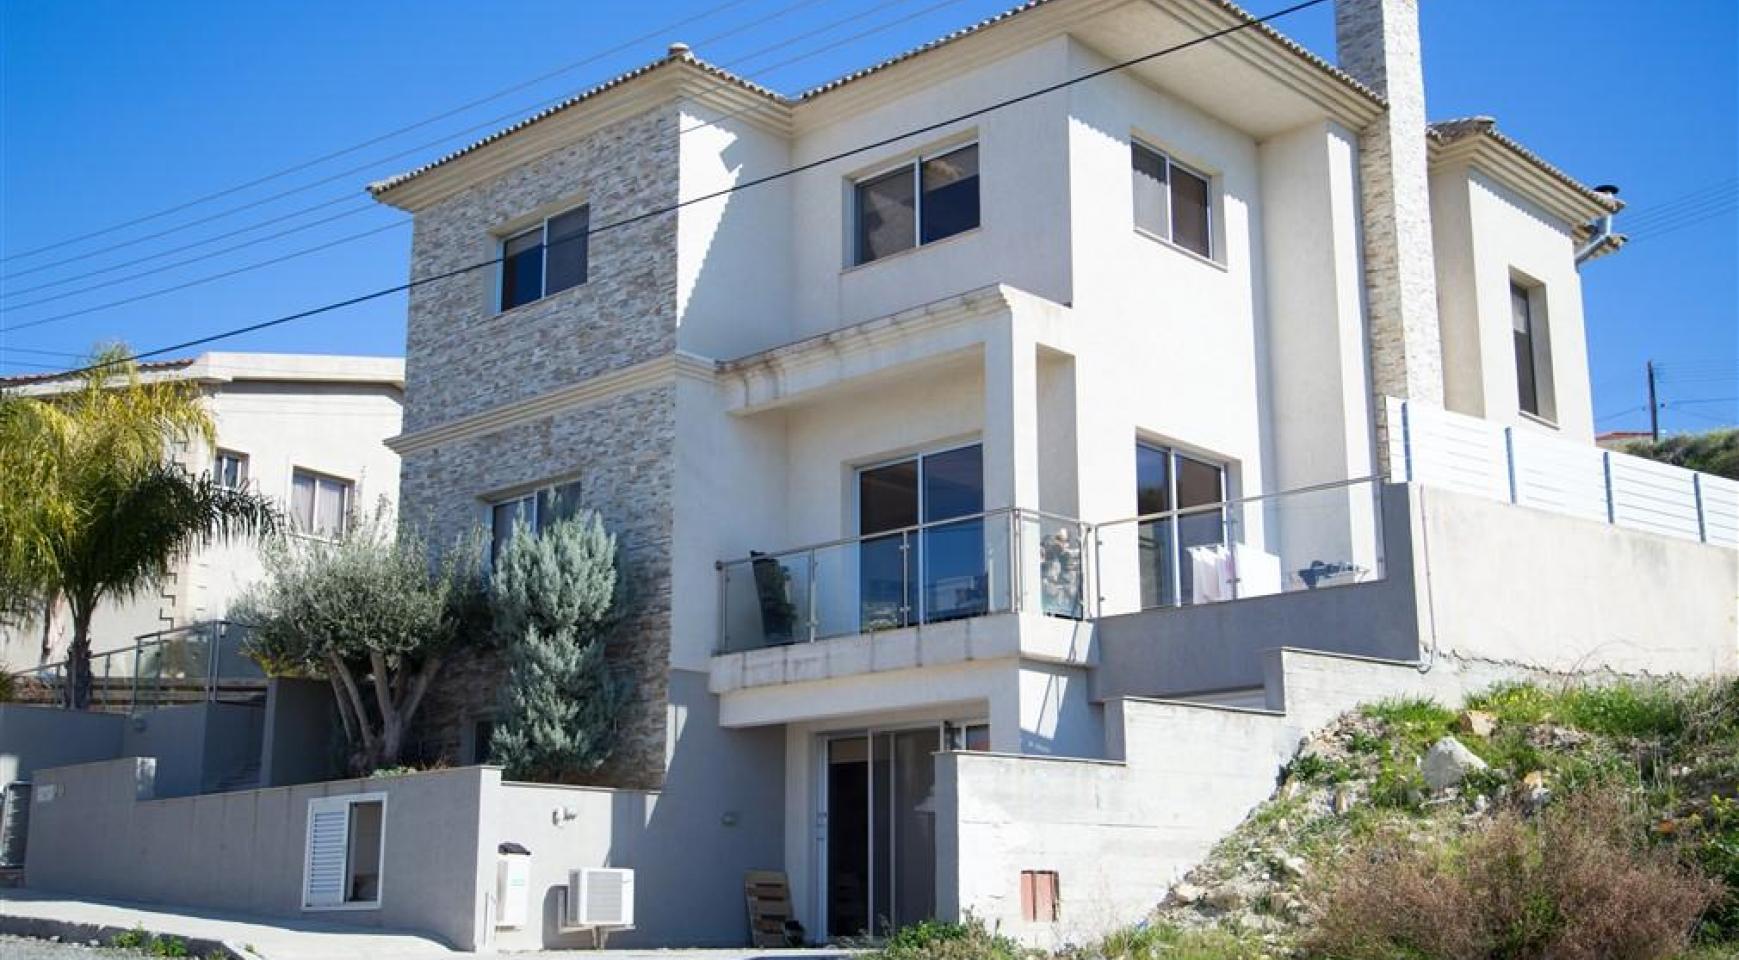 Spacious 3 Bedroom House in Agios Athanasios - 1